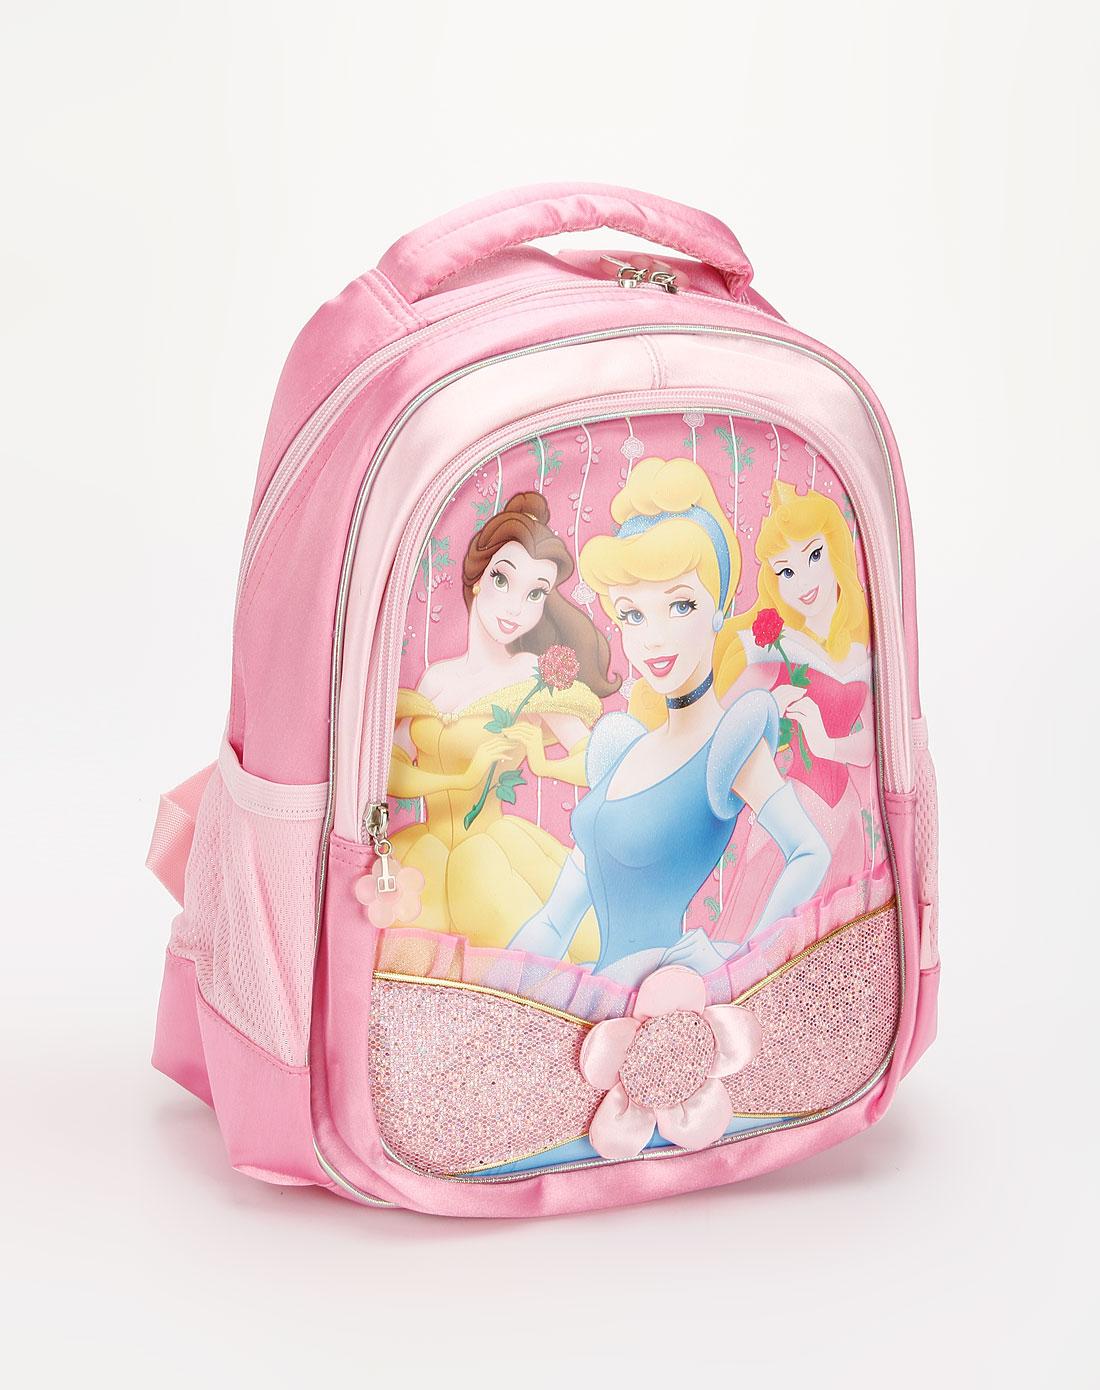 迪士尼disney儿童用品专场女童粉色女童粉色公主卡通